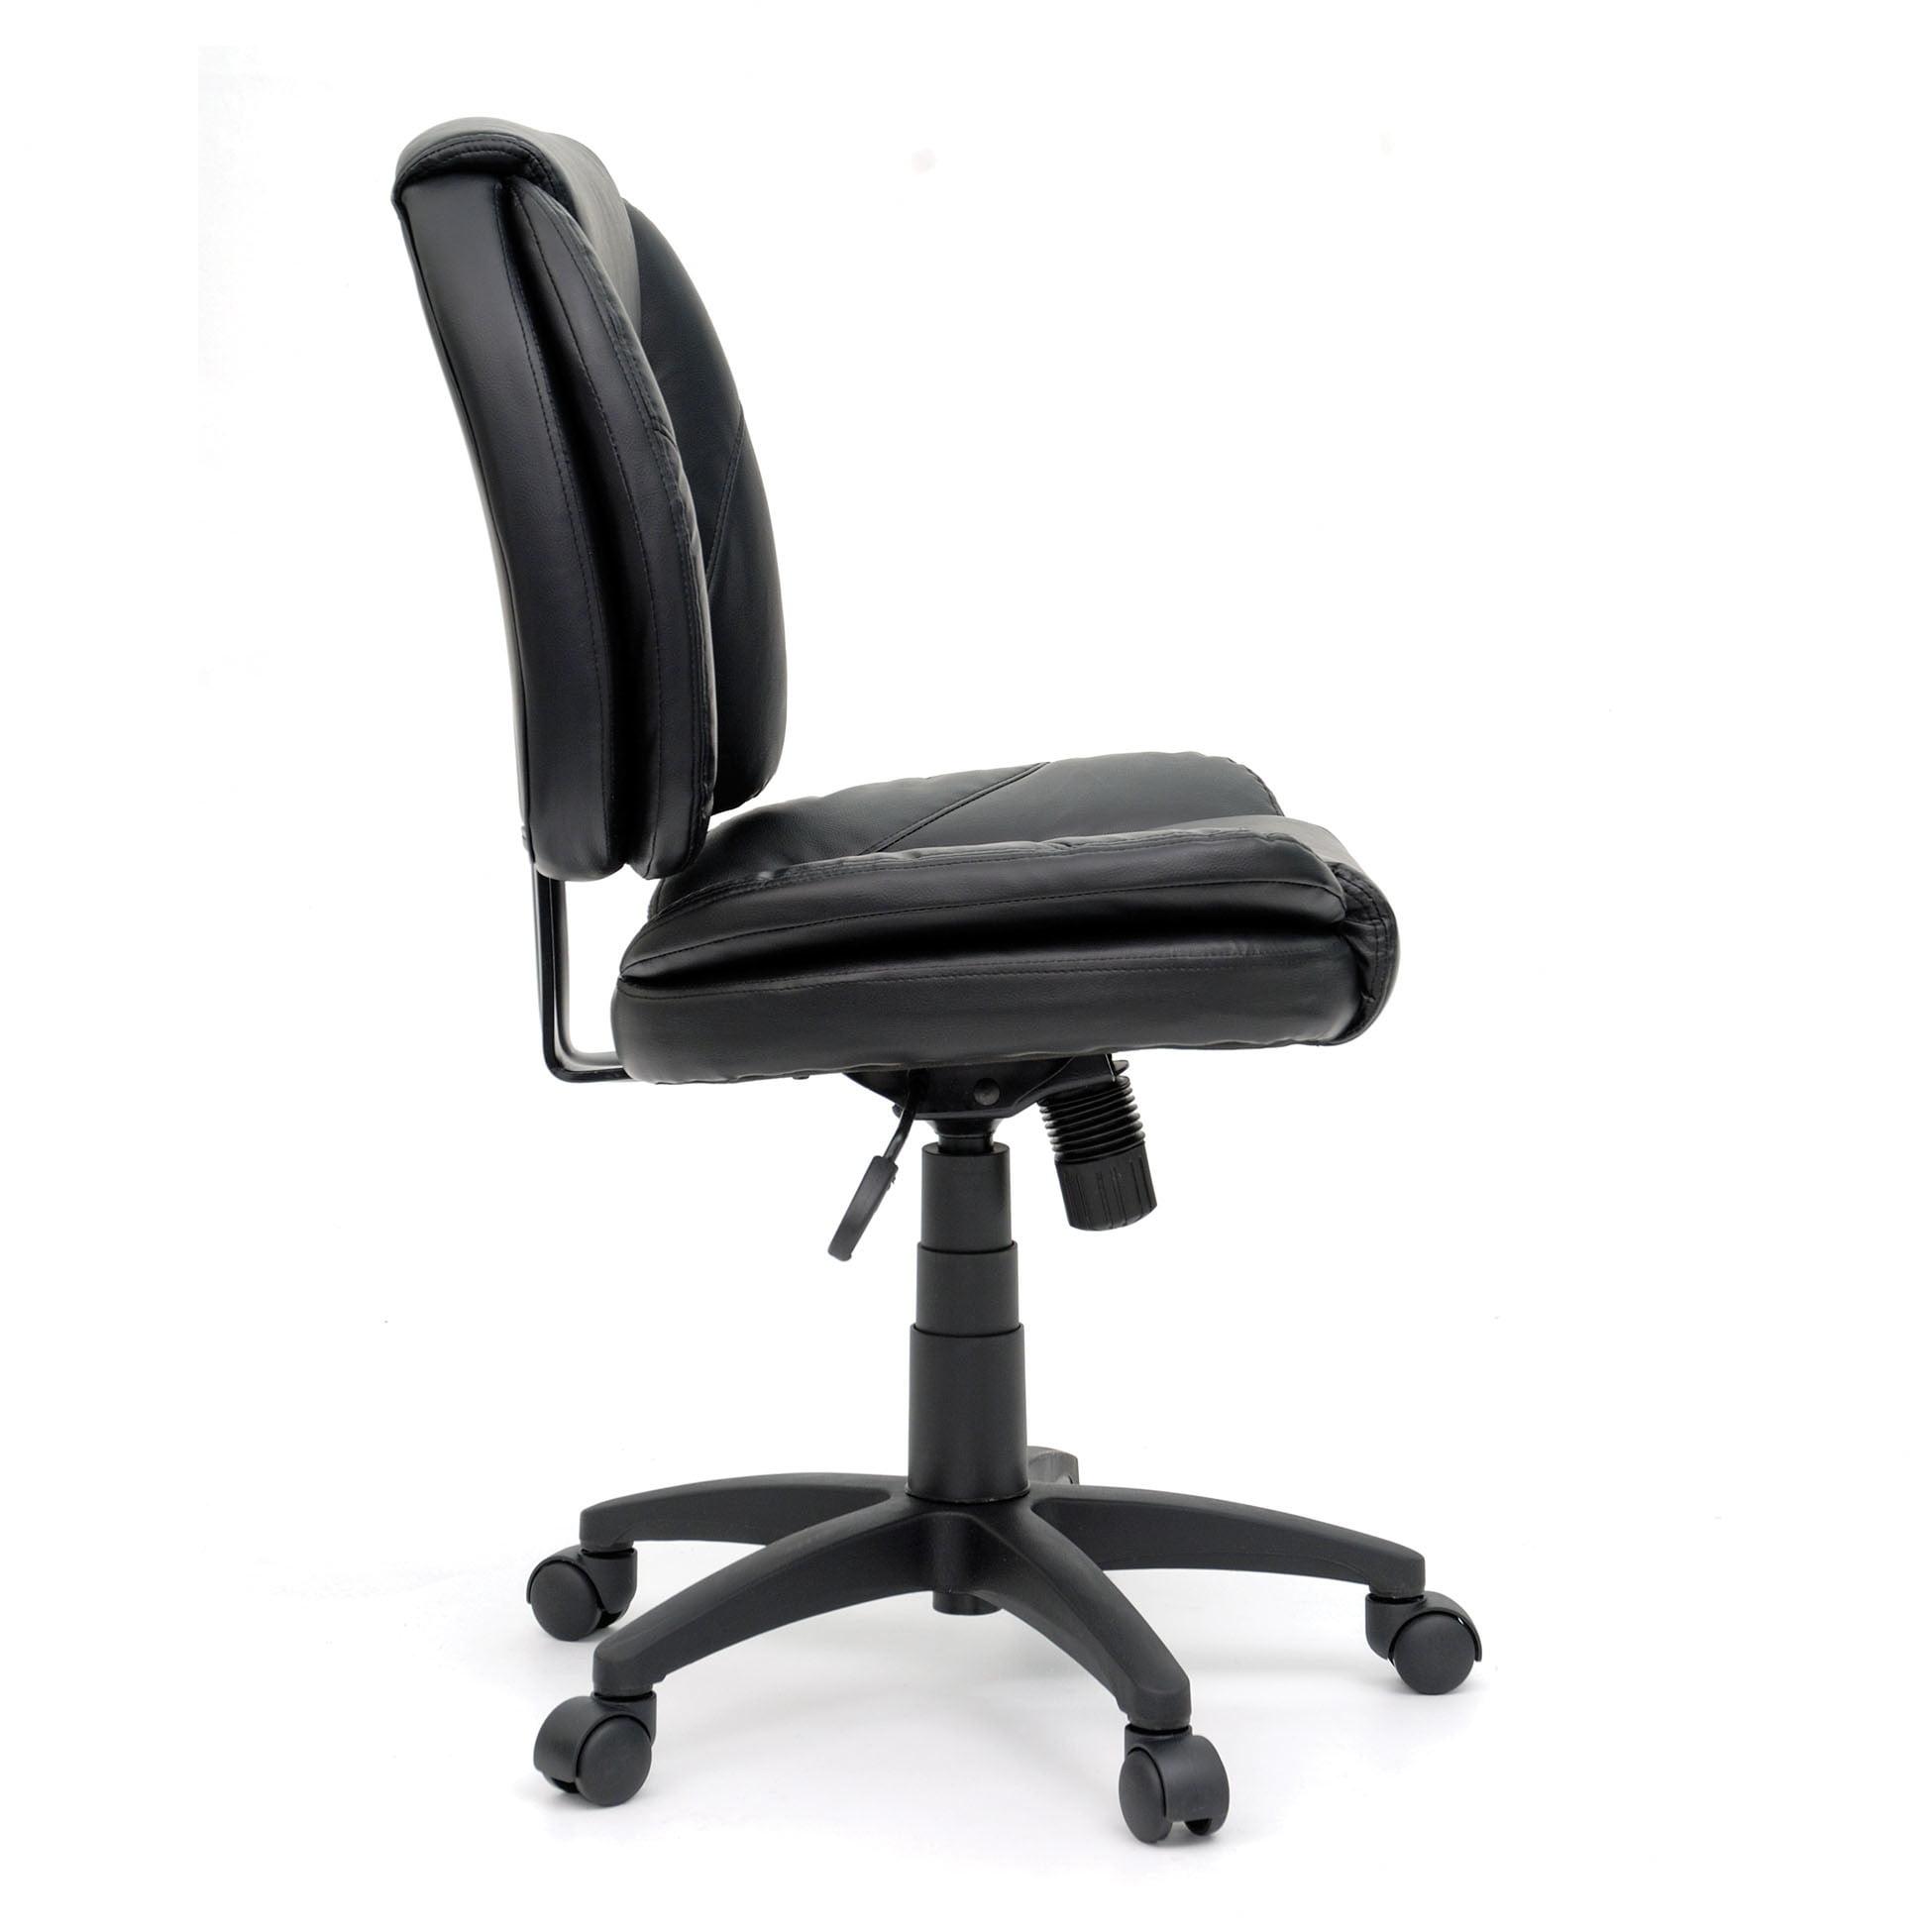 Sauder Gruga fice Duraplush Task Chair Black Walmart